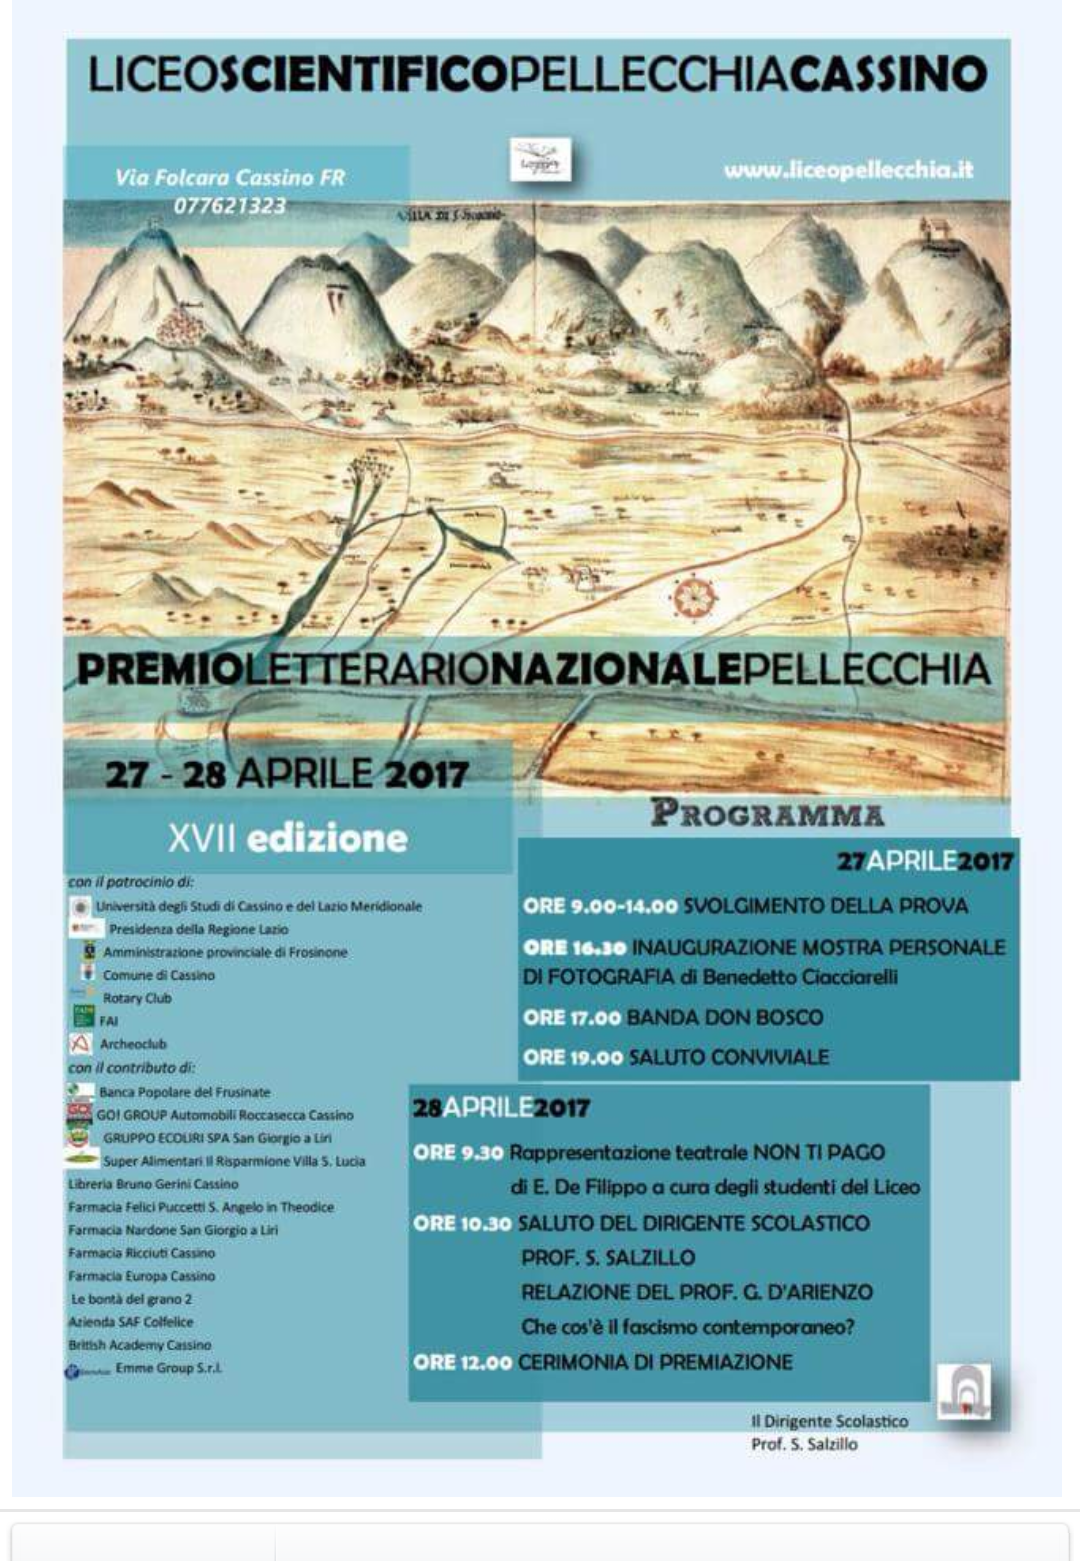 Cassino- Al via la XVII edizione del Premio Letterario Nazionale Pellecchia